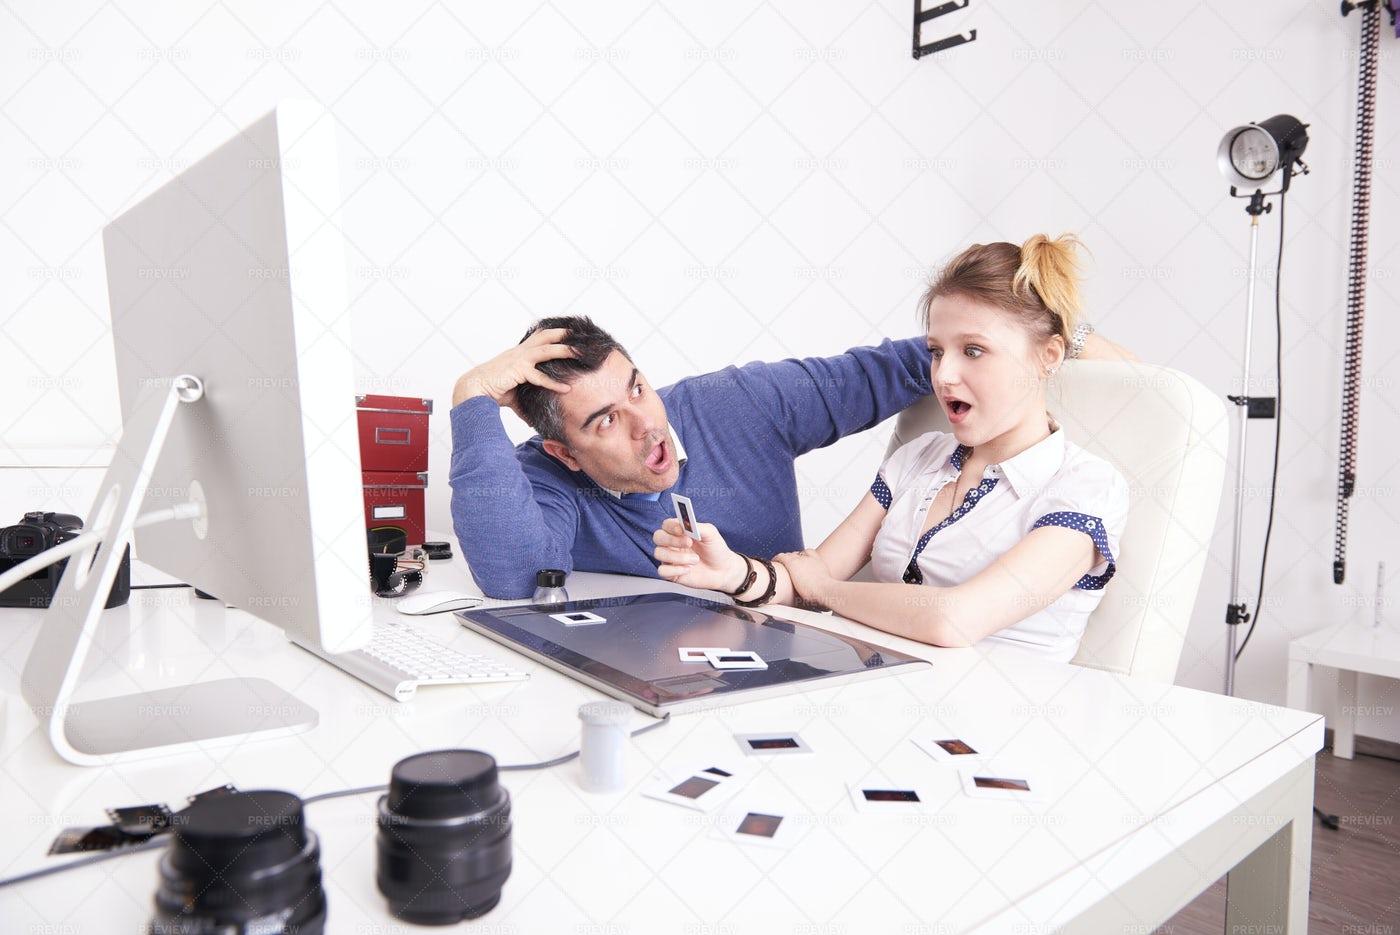 Photographers At Work: Stock Photos